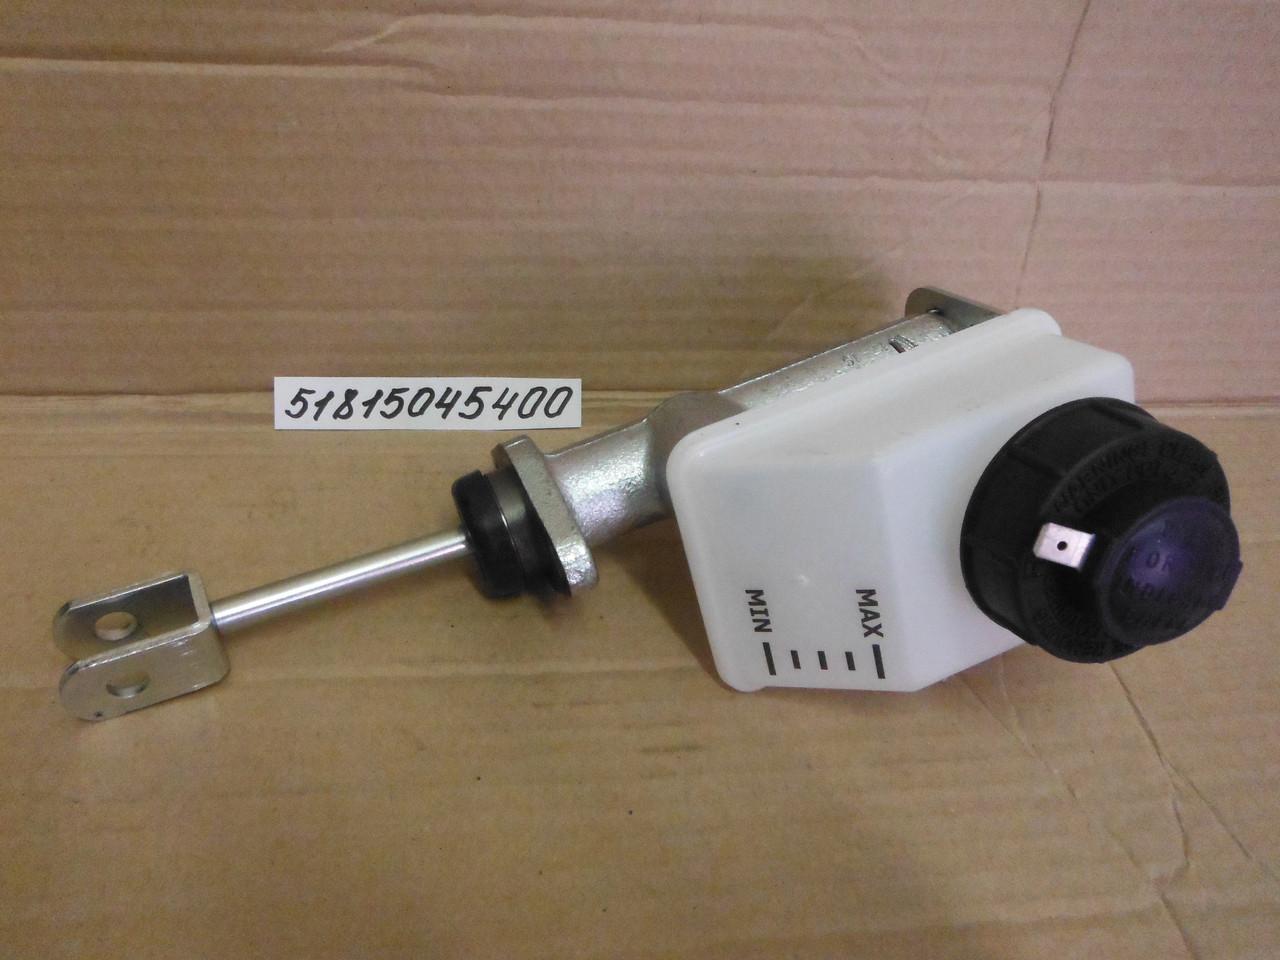 STILL 51815045400 главный тормозной цилиндр / головний гальмівний циліндр